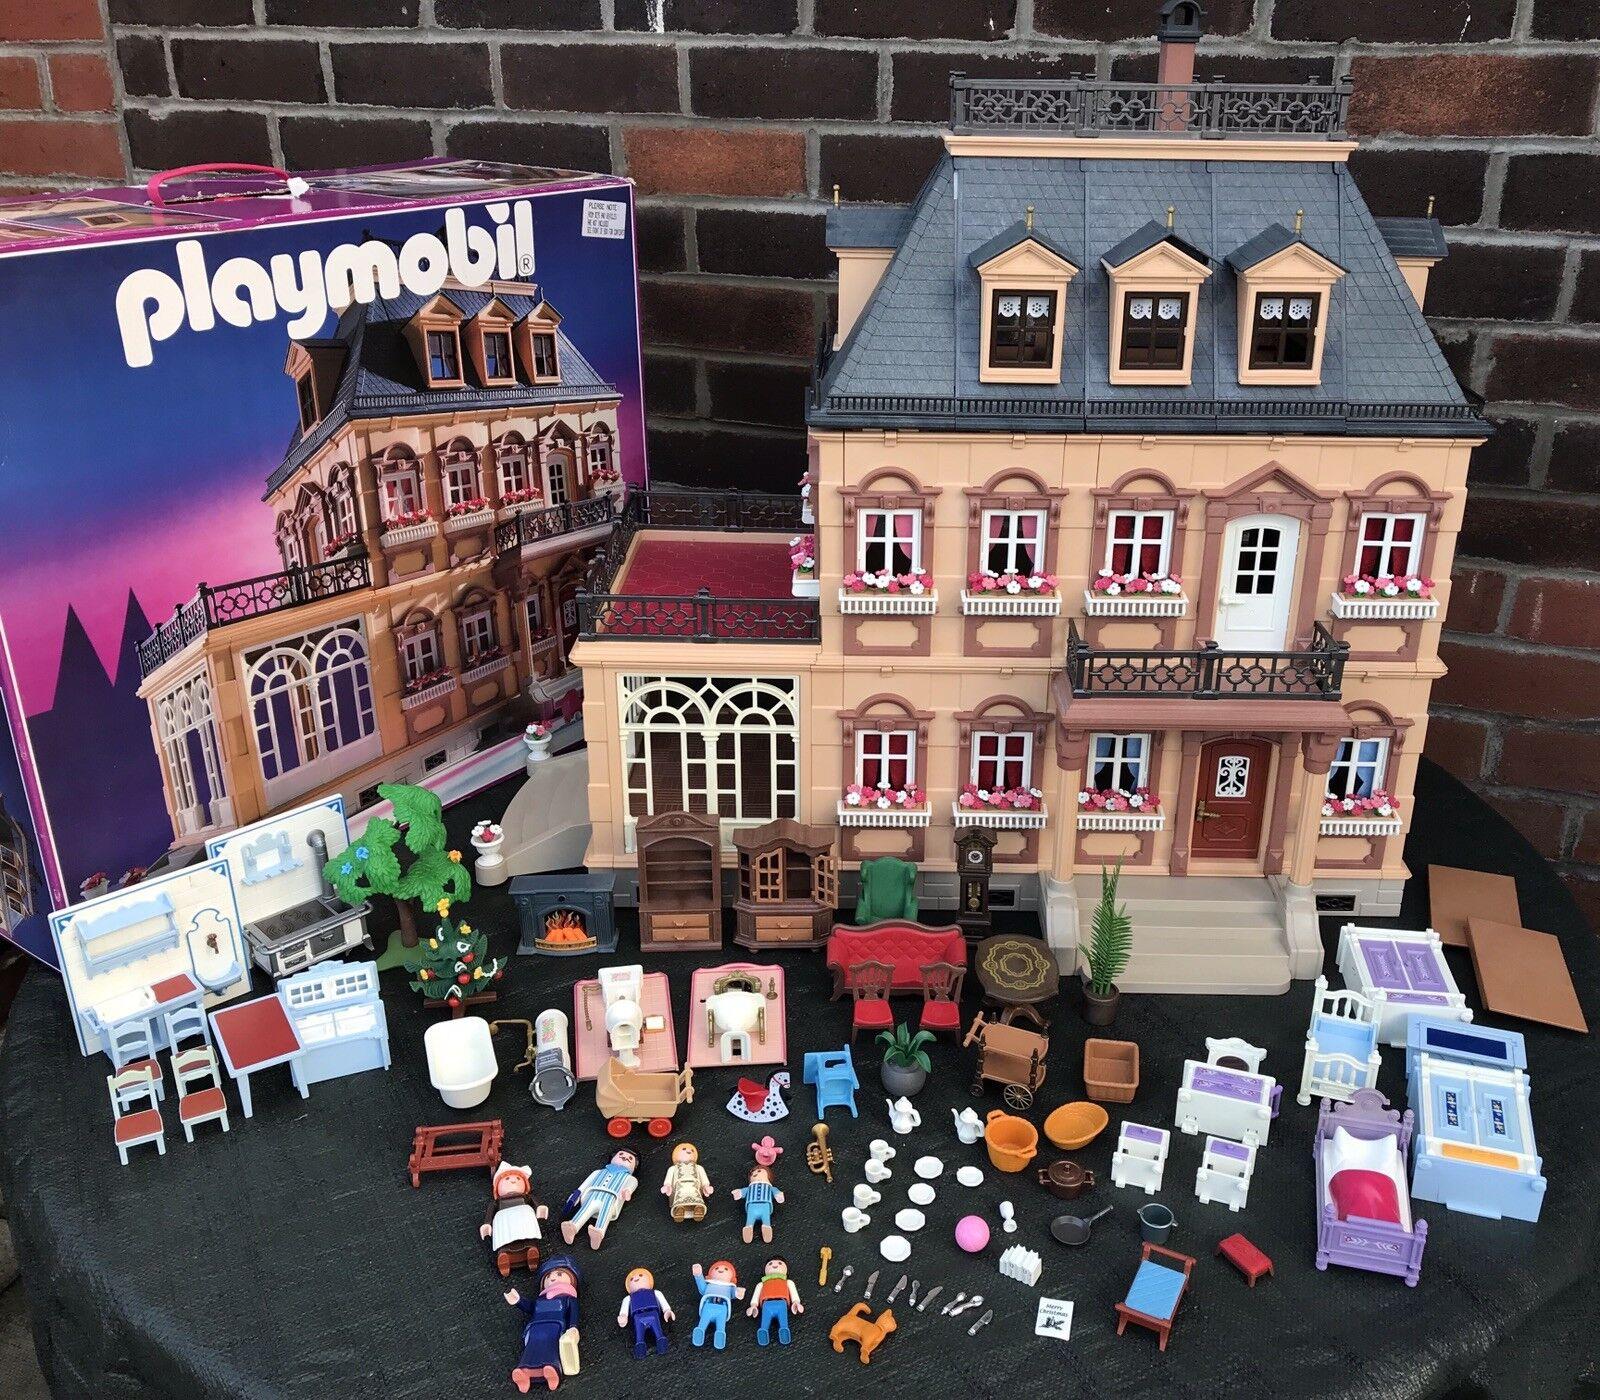 PLAYMOBIL Vittoriano MANSION CASA DELLE BAMBOLE MOBILI 5300 Vintage Casa delle Bambole in Scatola